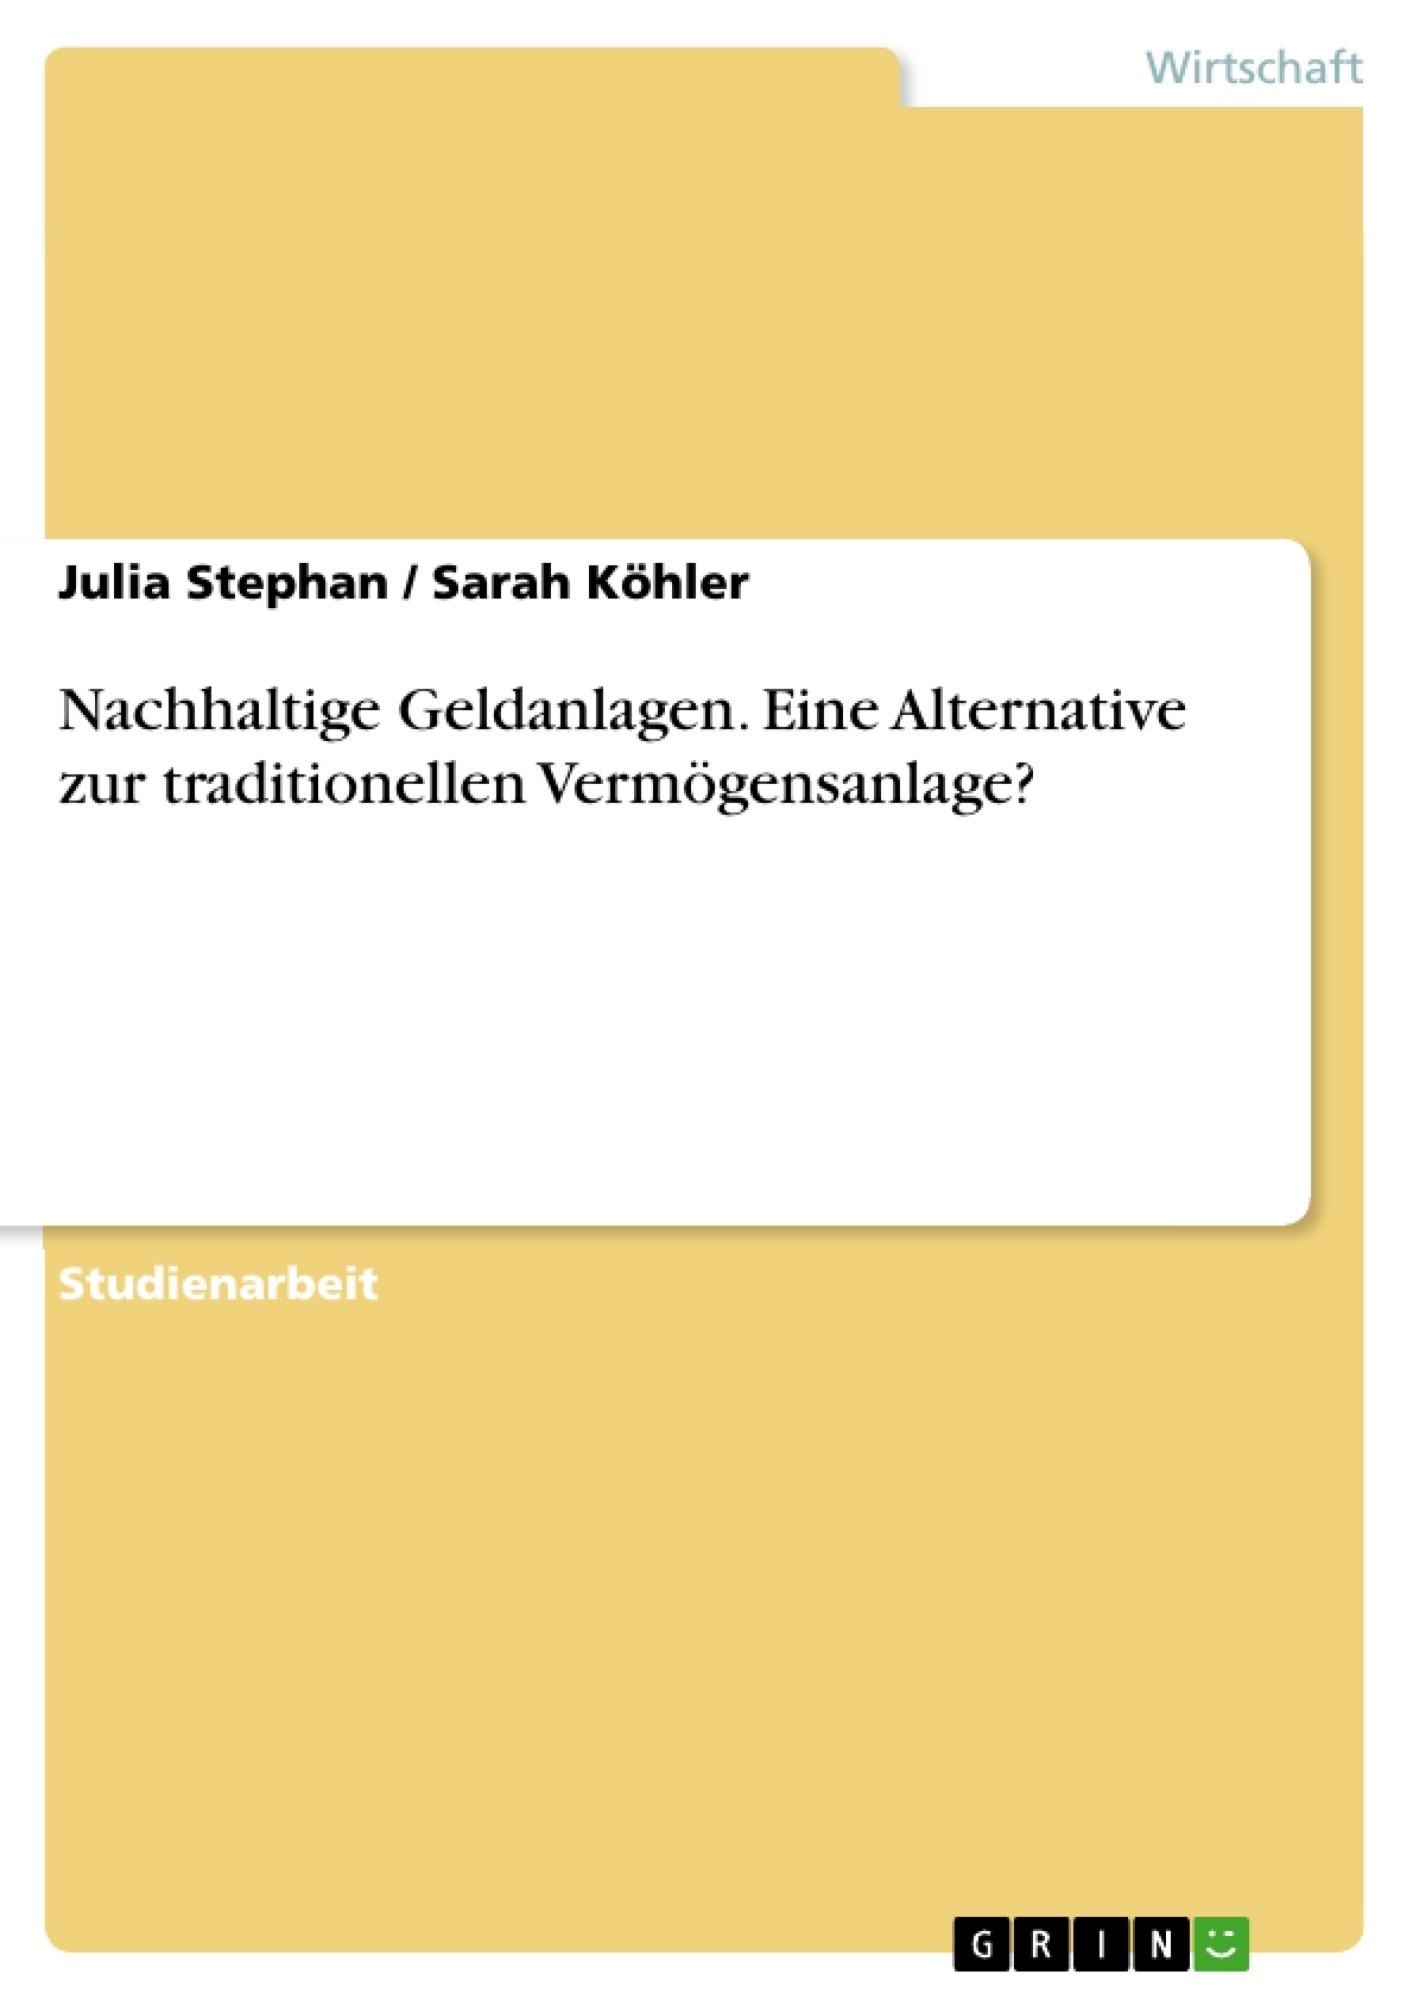 Titel: Nachhaltige Geldanlagen. Eine Alternative zur traditionellen Vermögensanlage?